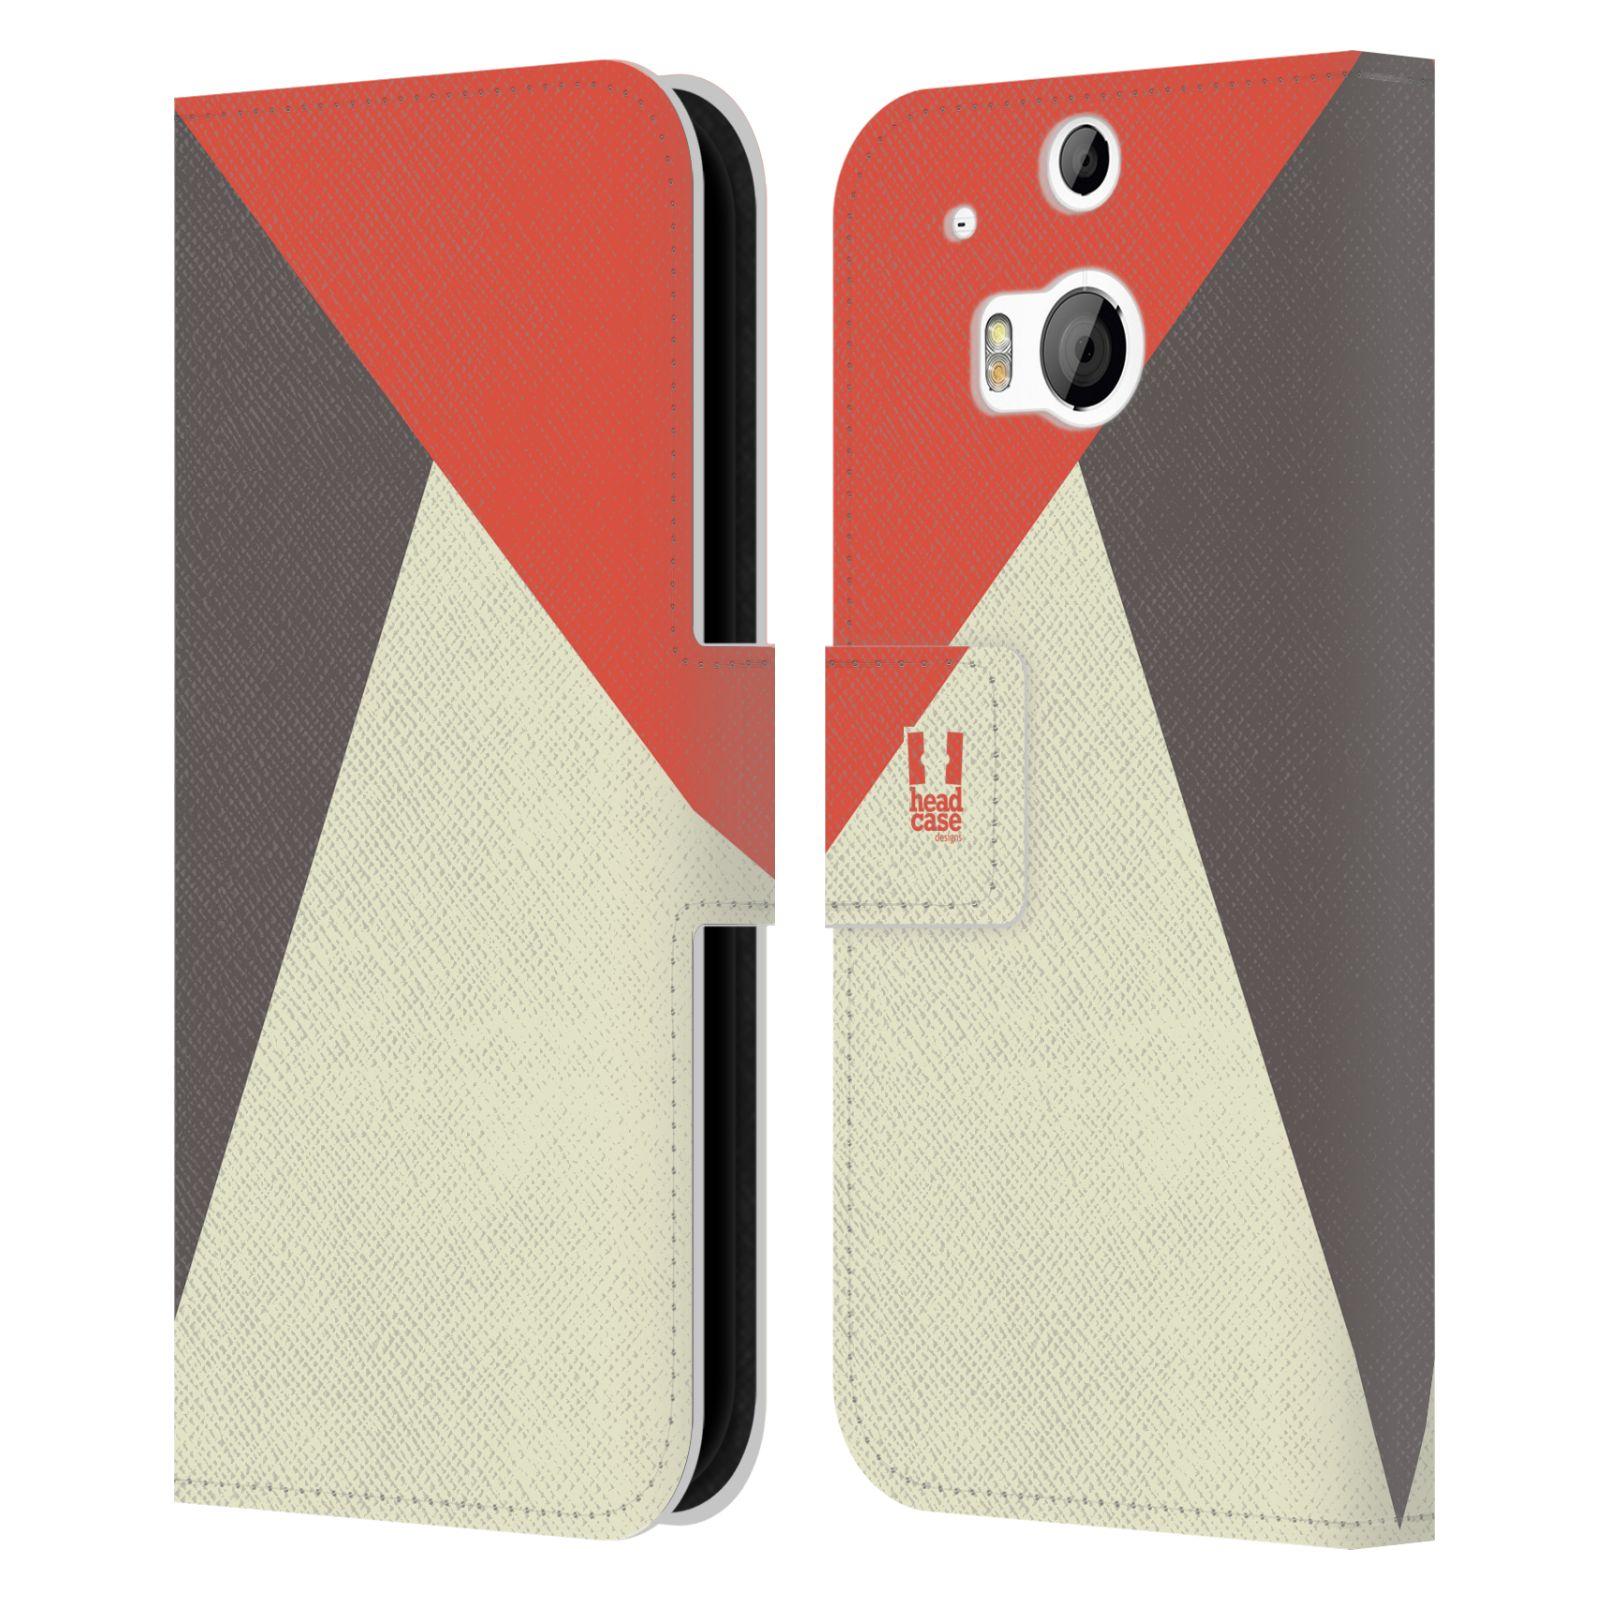 HEAD CASE Flipové pouzdro pro mobil HTC ONE M8/M8s barevné tvary červená a šedá COOL